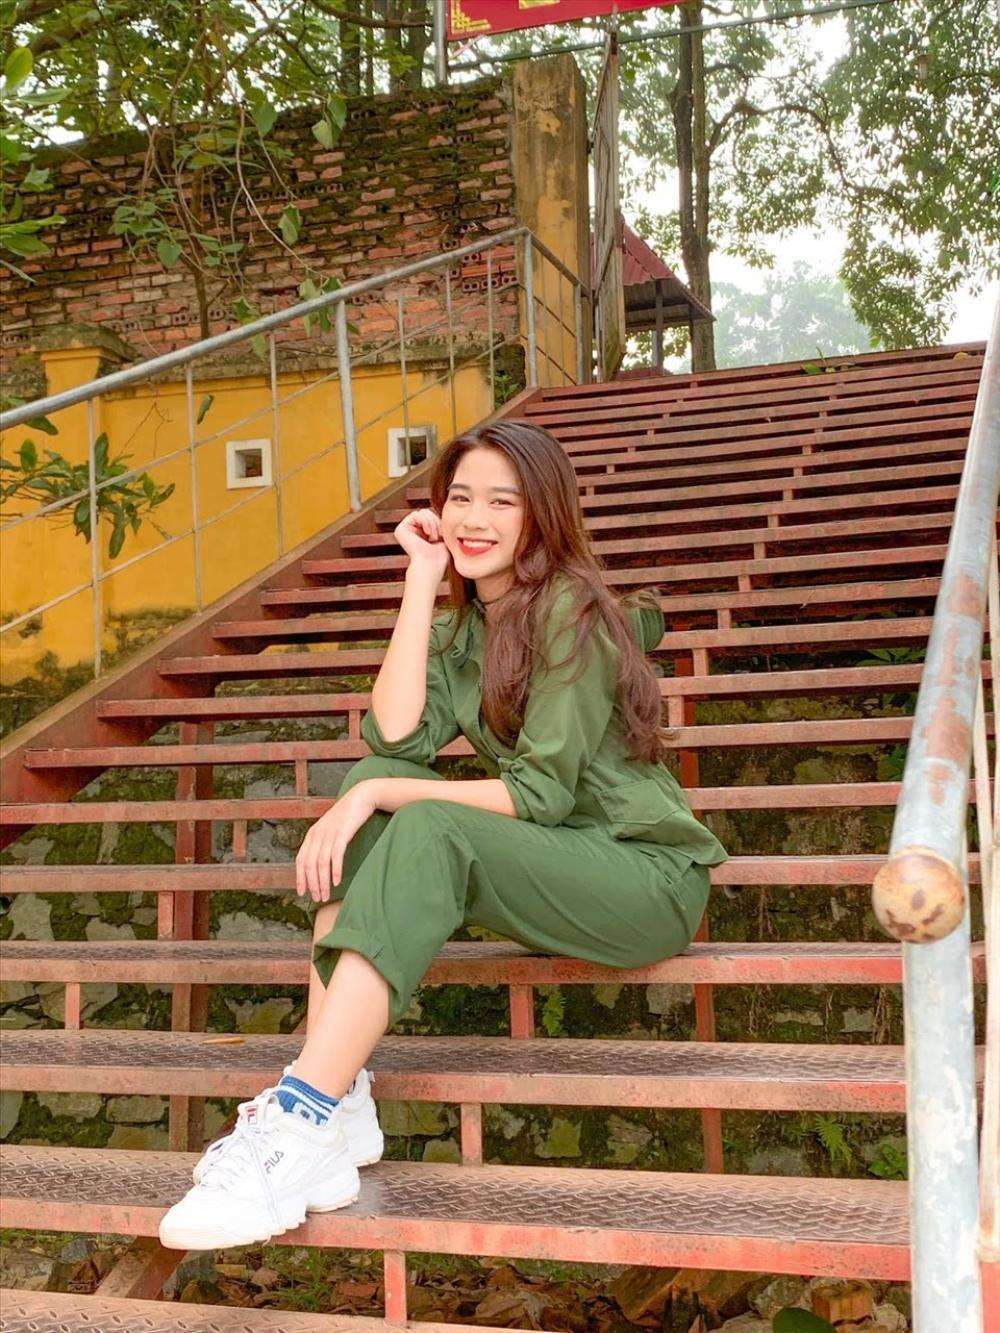 Hoa hậu Đỗ Thị Hà diện túi hiệu hơn 60 triệu đồng những ngày đầu năm Ảnh 3